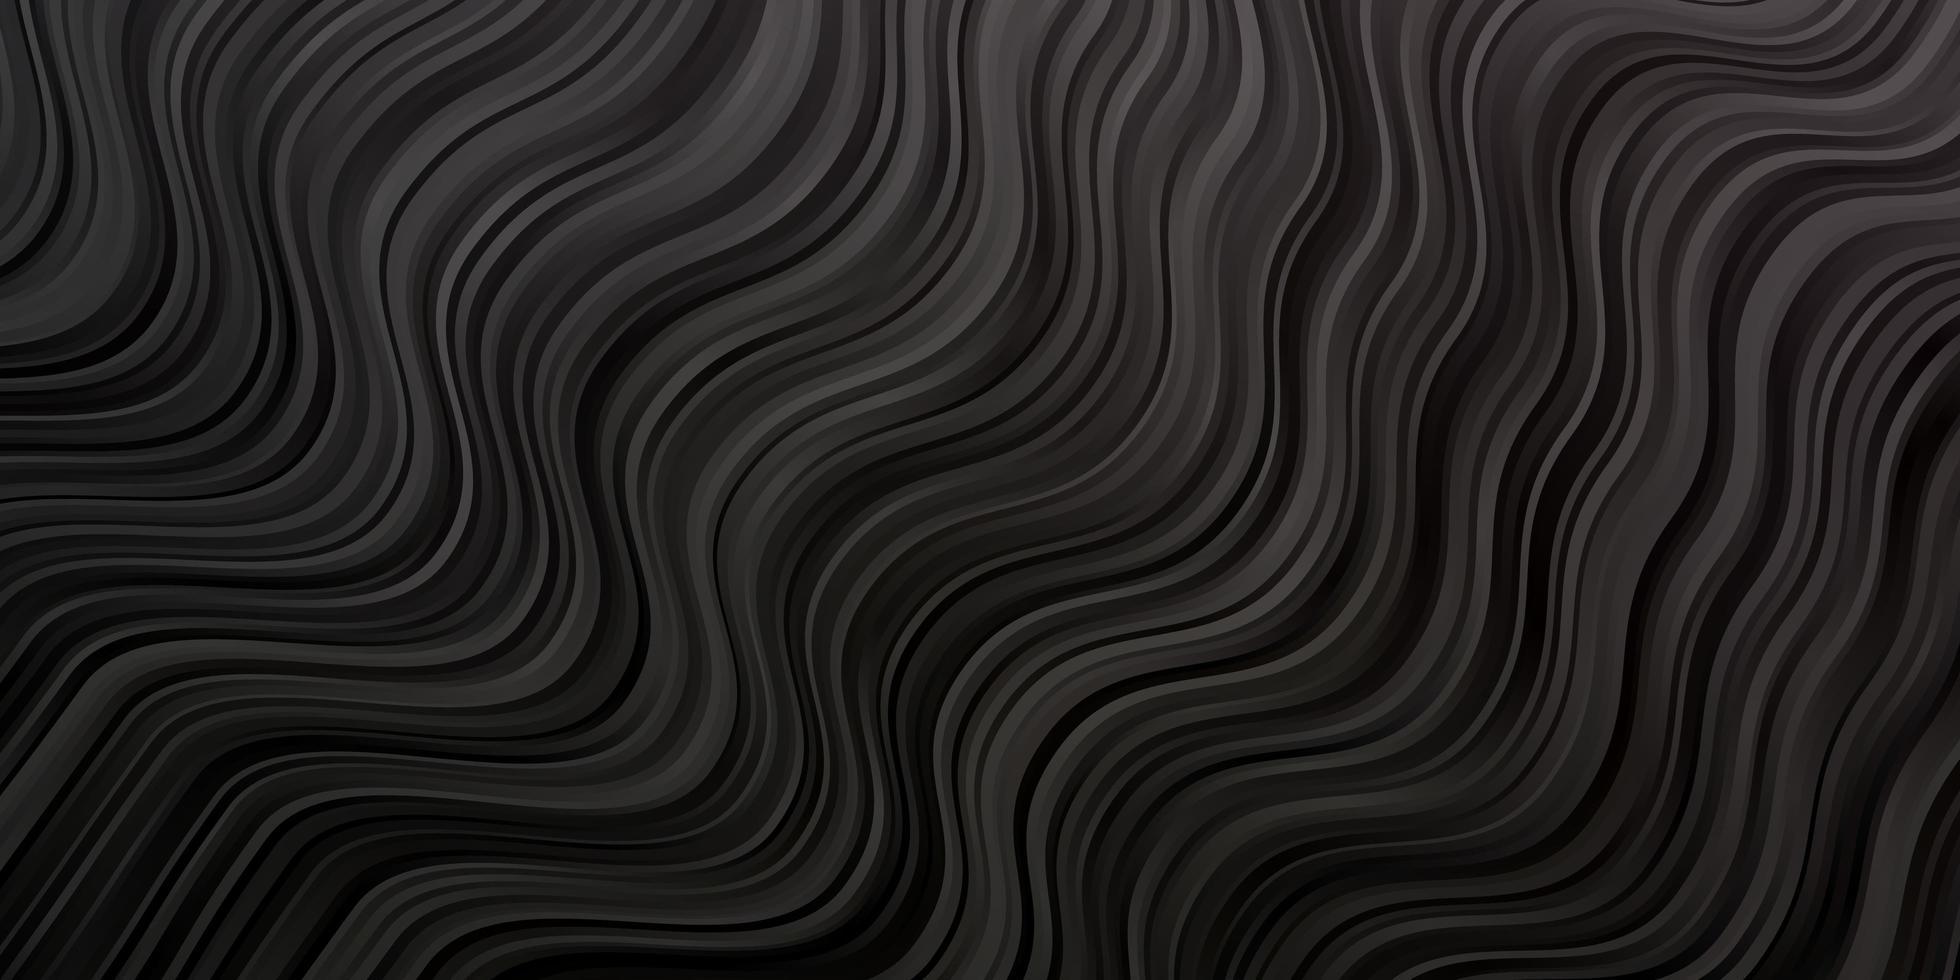 textura cinza com linhas irônicas. vetor